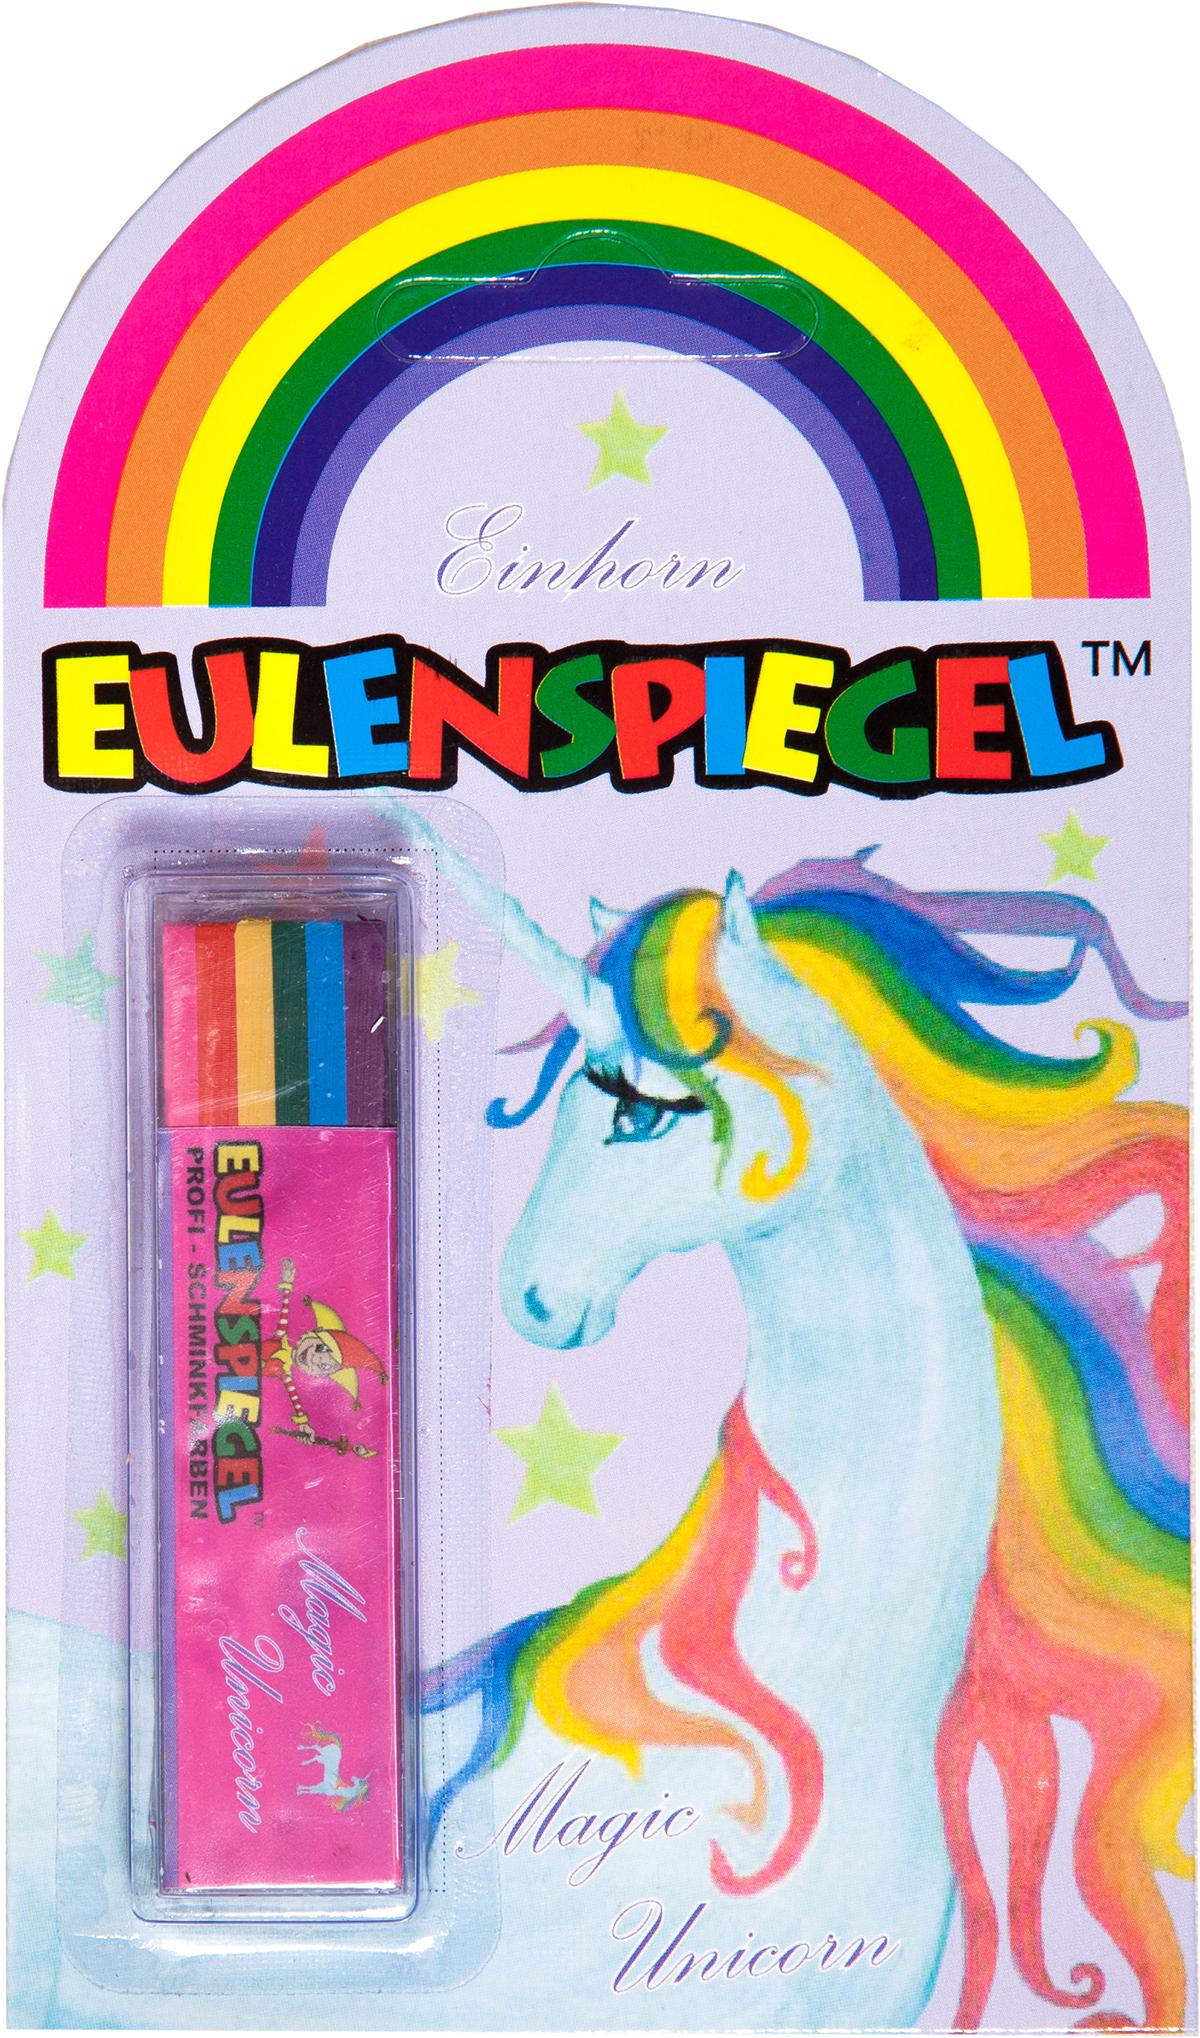 Eulenspiegel Fun-Stick Einhorn